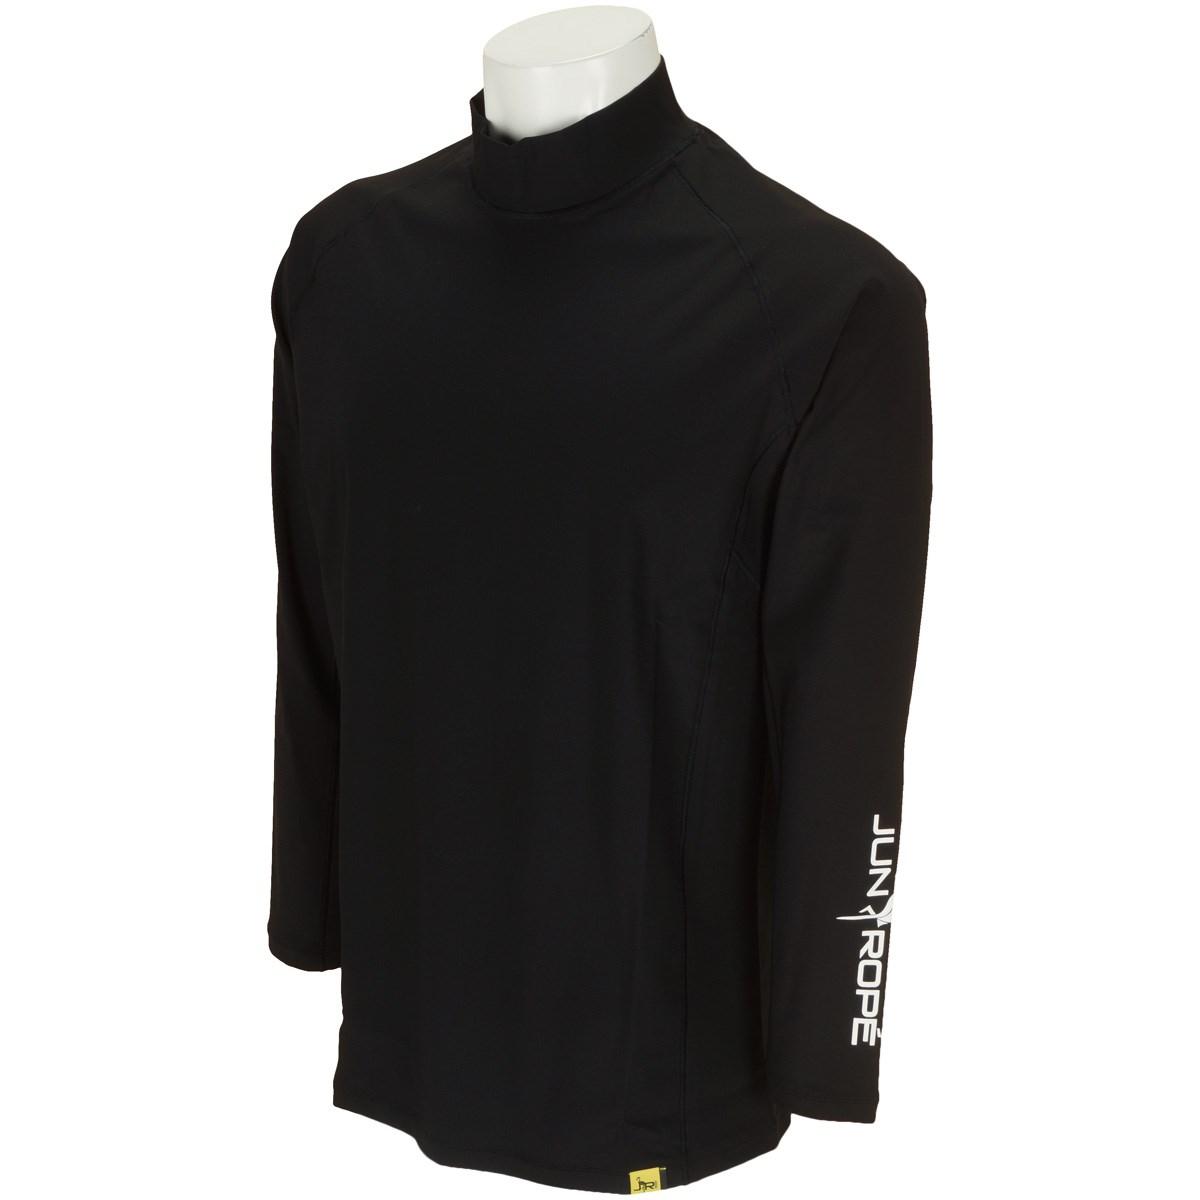 ジュン アンド ロペ JUN & ROPE ソフトコンプレッション長袖シャツ XL ブラック 01